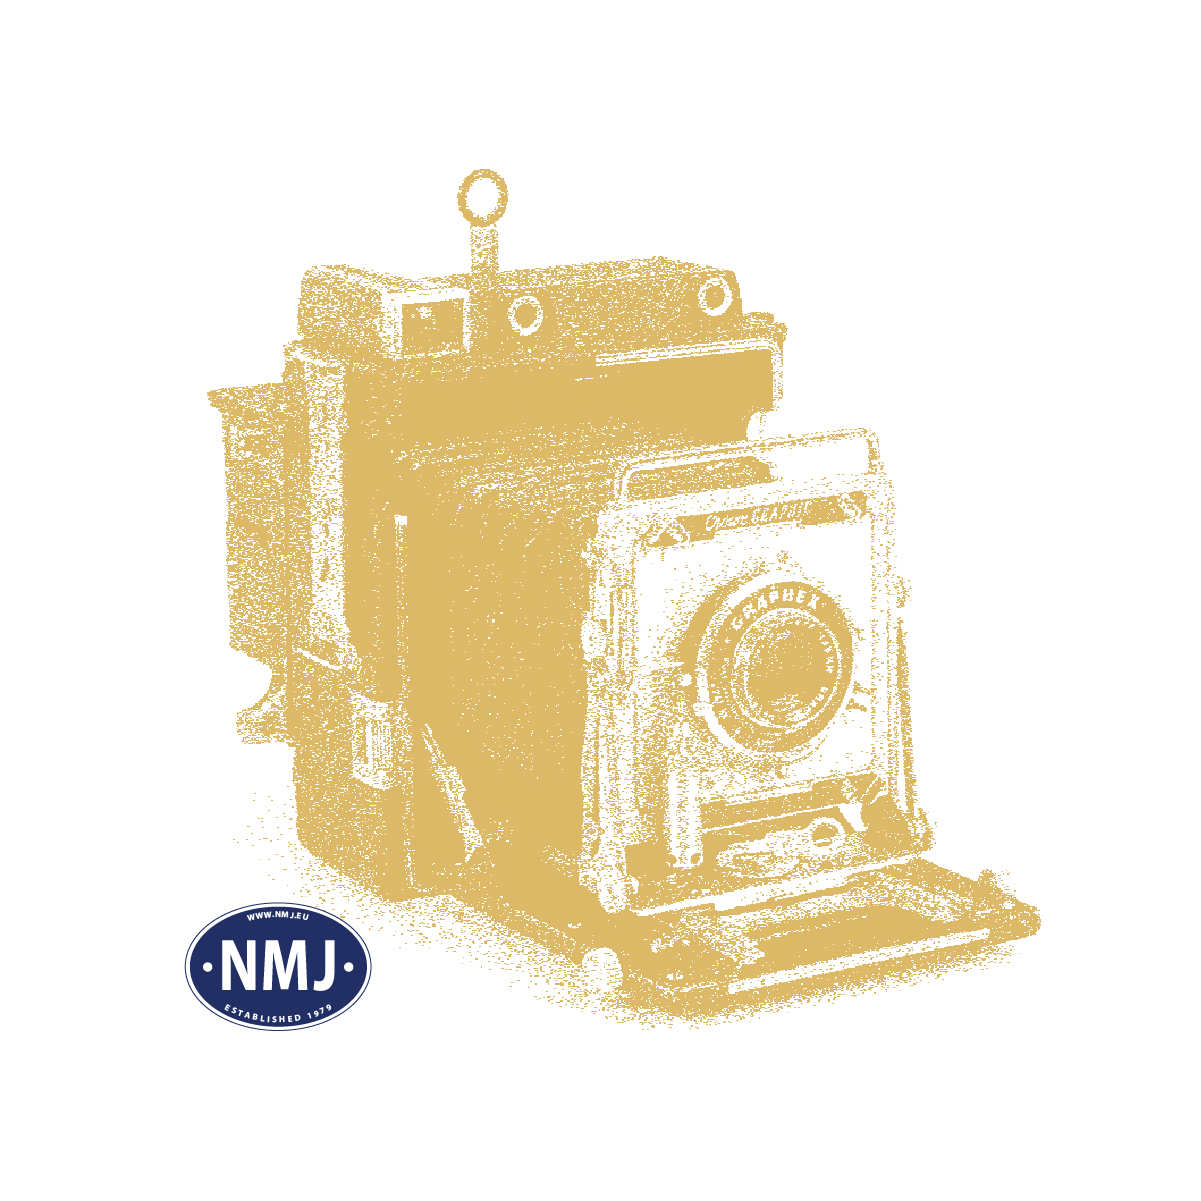 NMJT9903 - NMJ Topline Parts for KBPS/OS